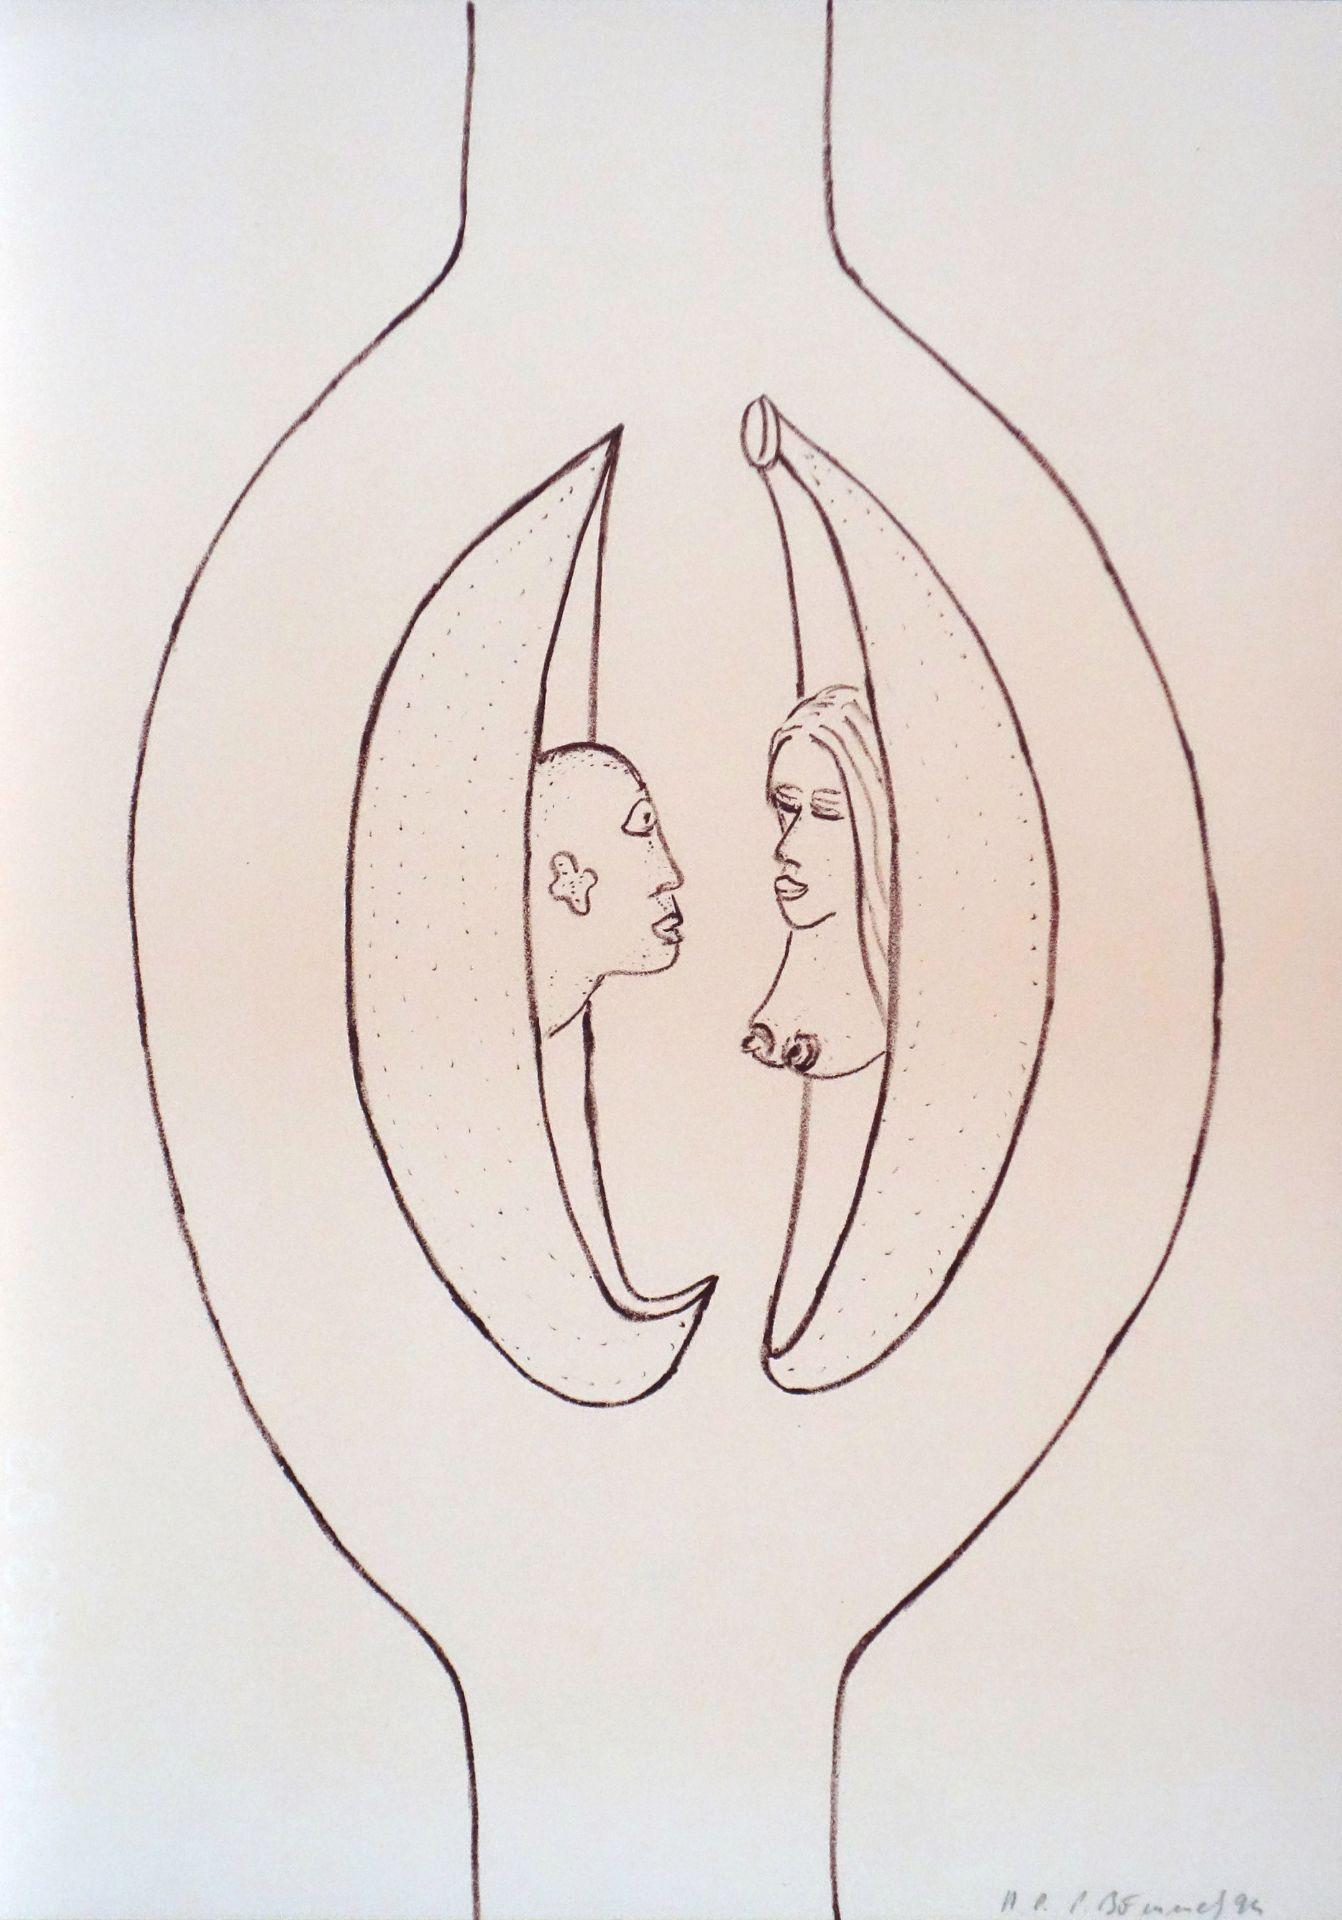 Peter Bömmels (*1951) Ohne Titel (1994) - Bild 2 aus 2